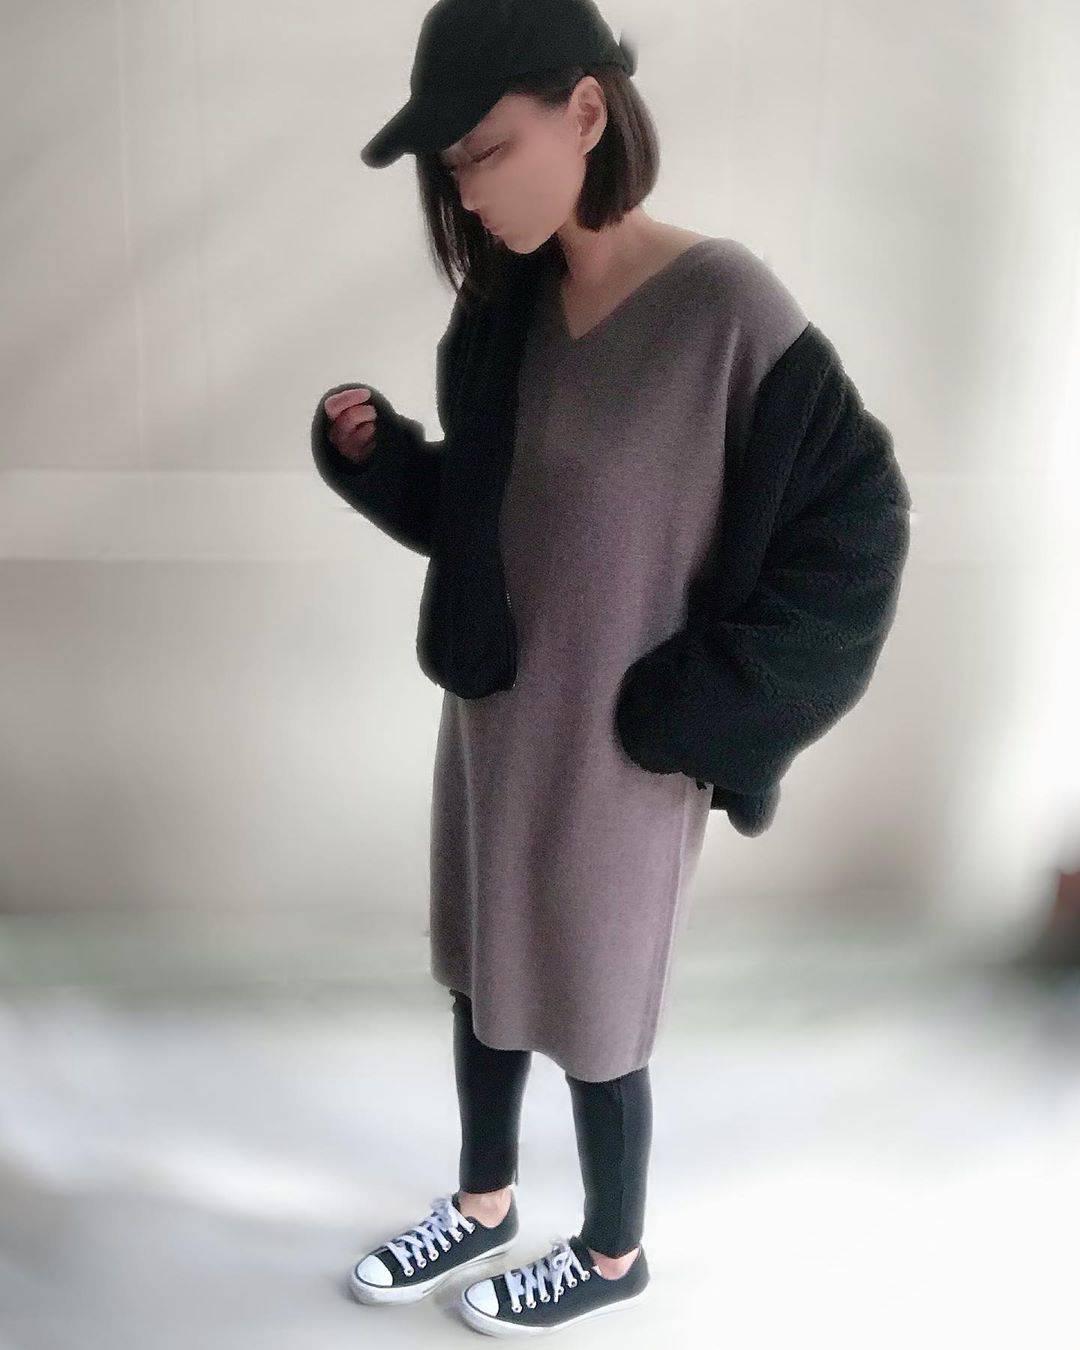 最高気温22度・最低気温14度 unange103の服装